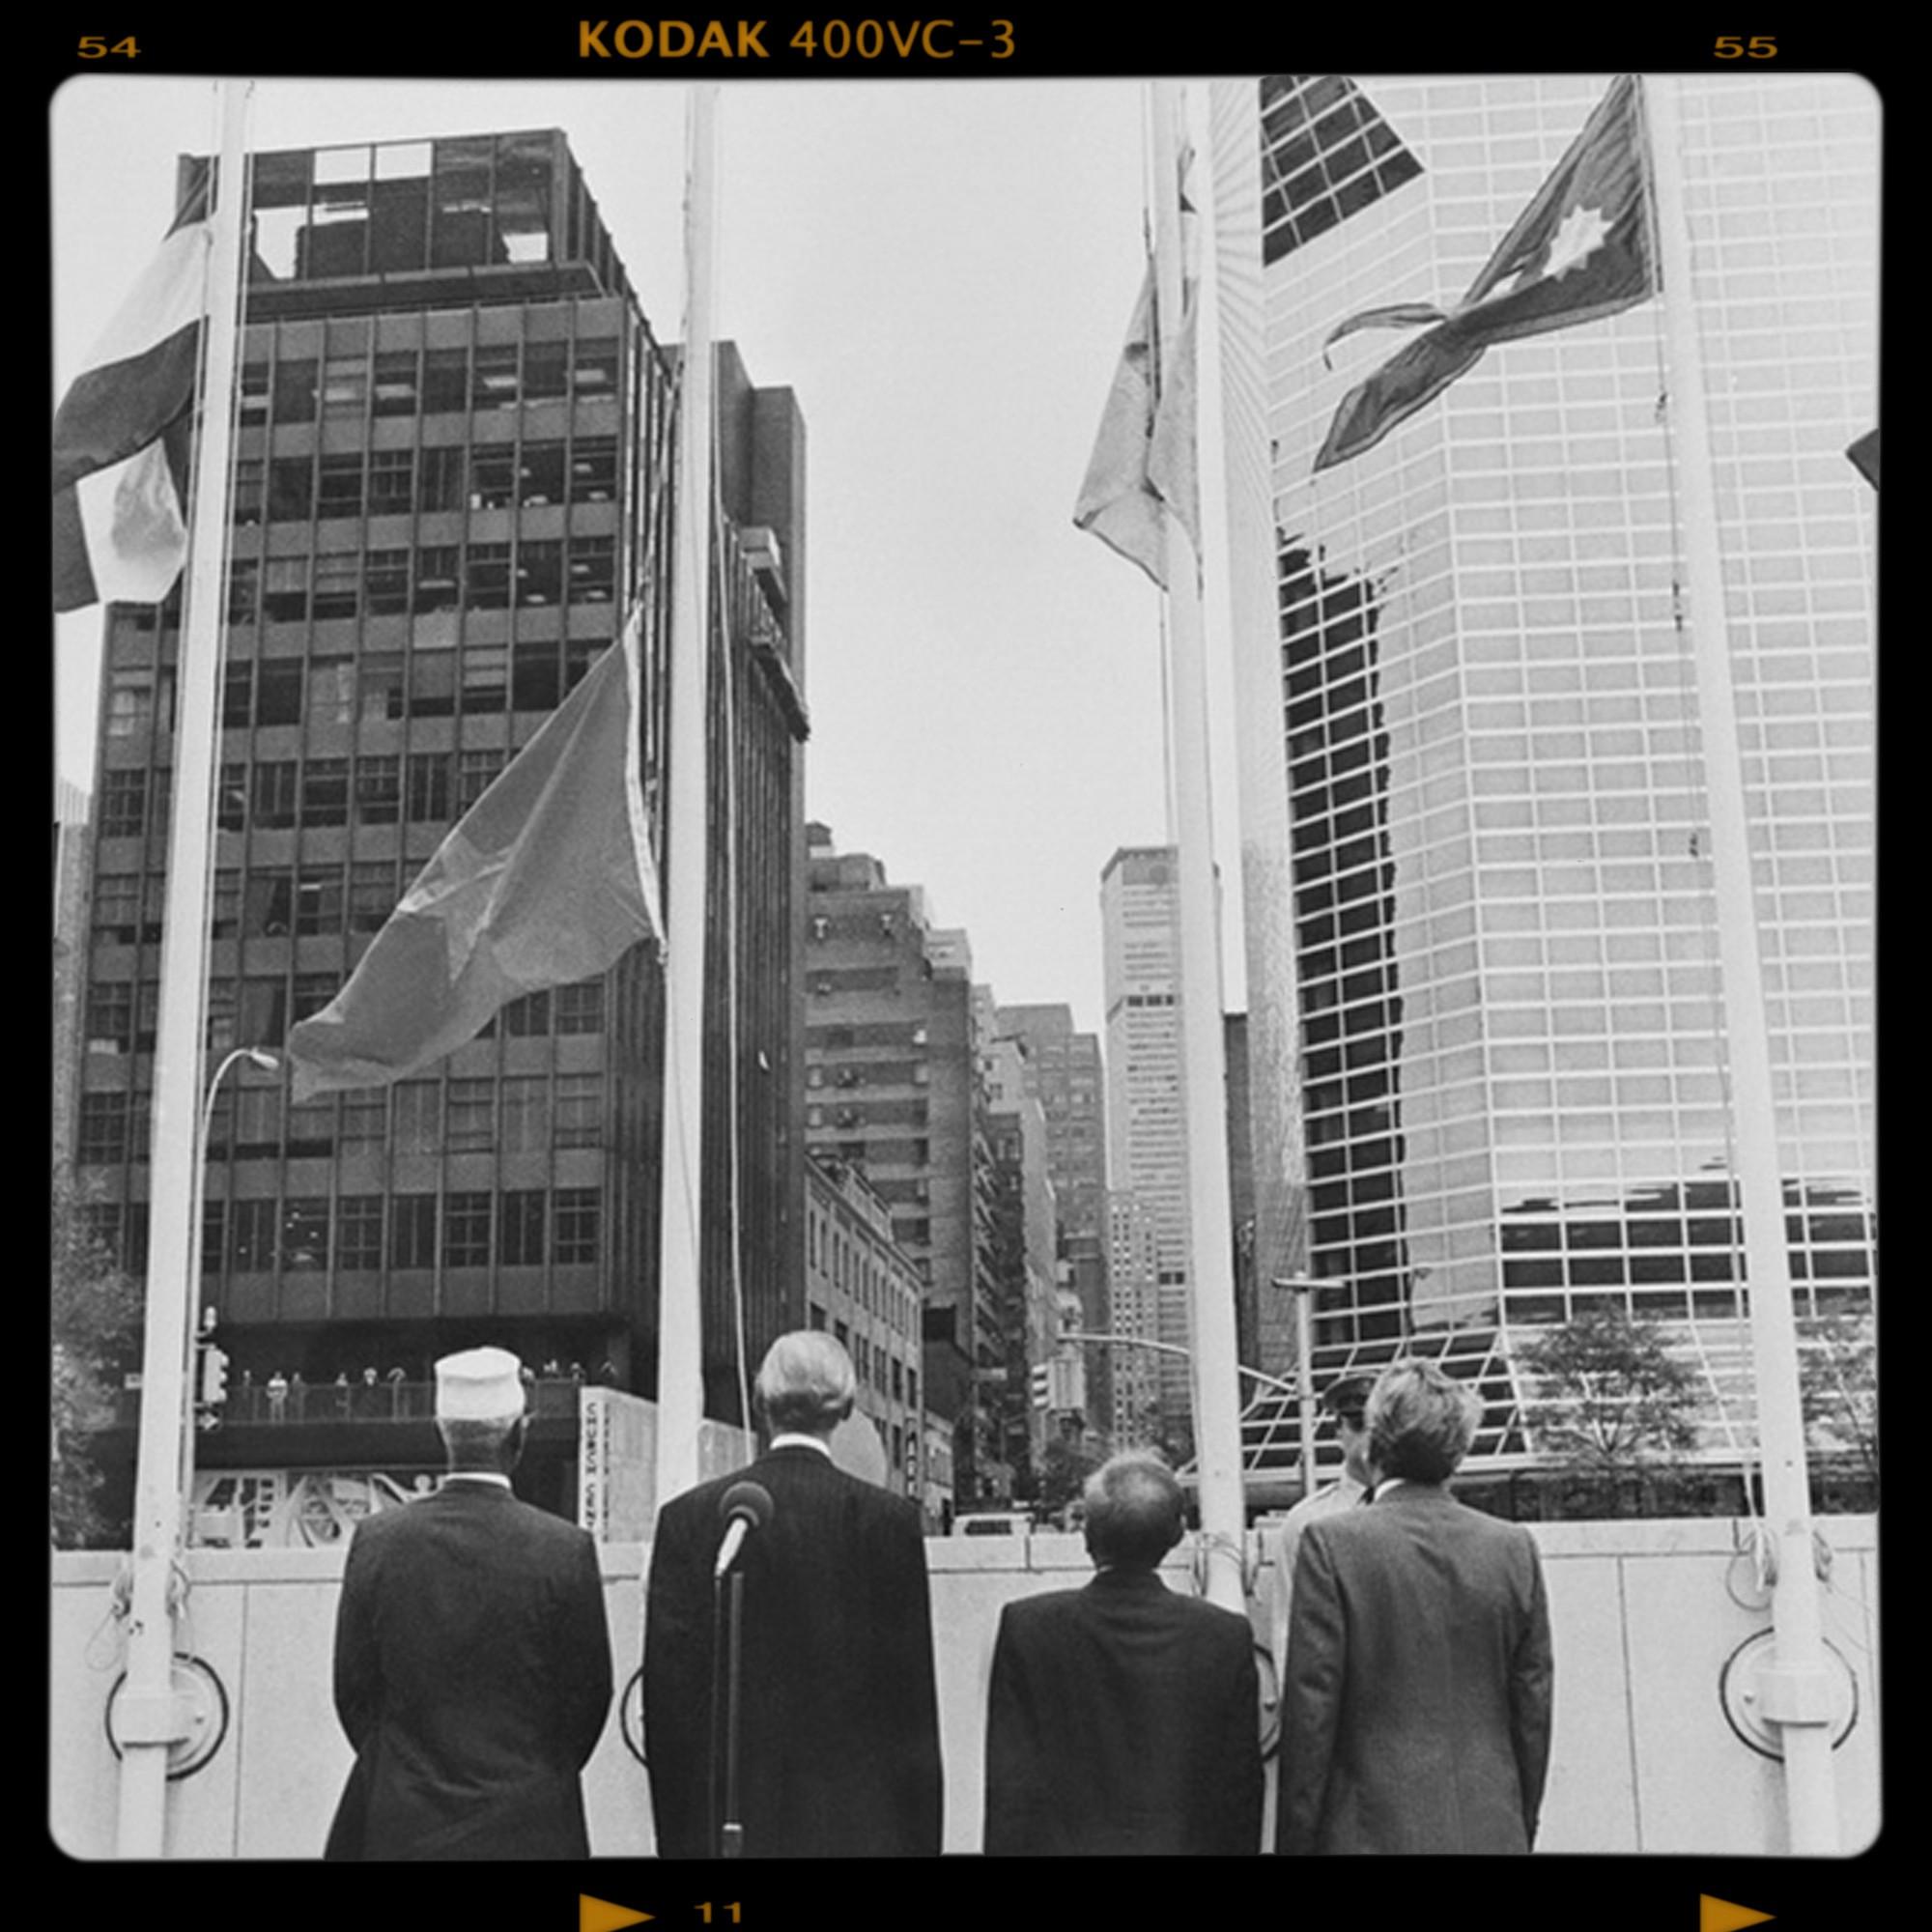 """Nước mắt Đại sứ Việt Nam trên đất Mỹ và hành trình 10 năm """"xếp gạch"""" vào Hội đồng bảo an Liên Hợp Quốc - Ảnh 2."""